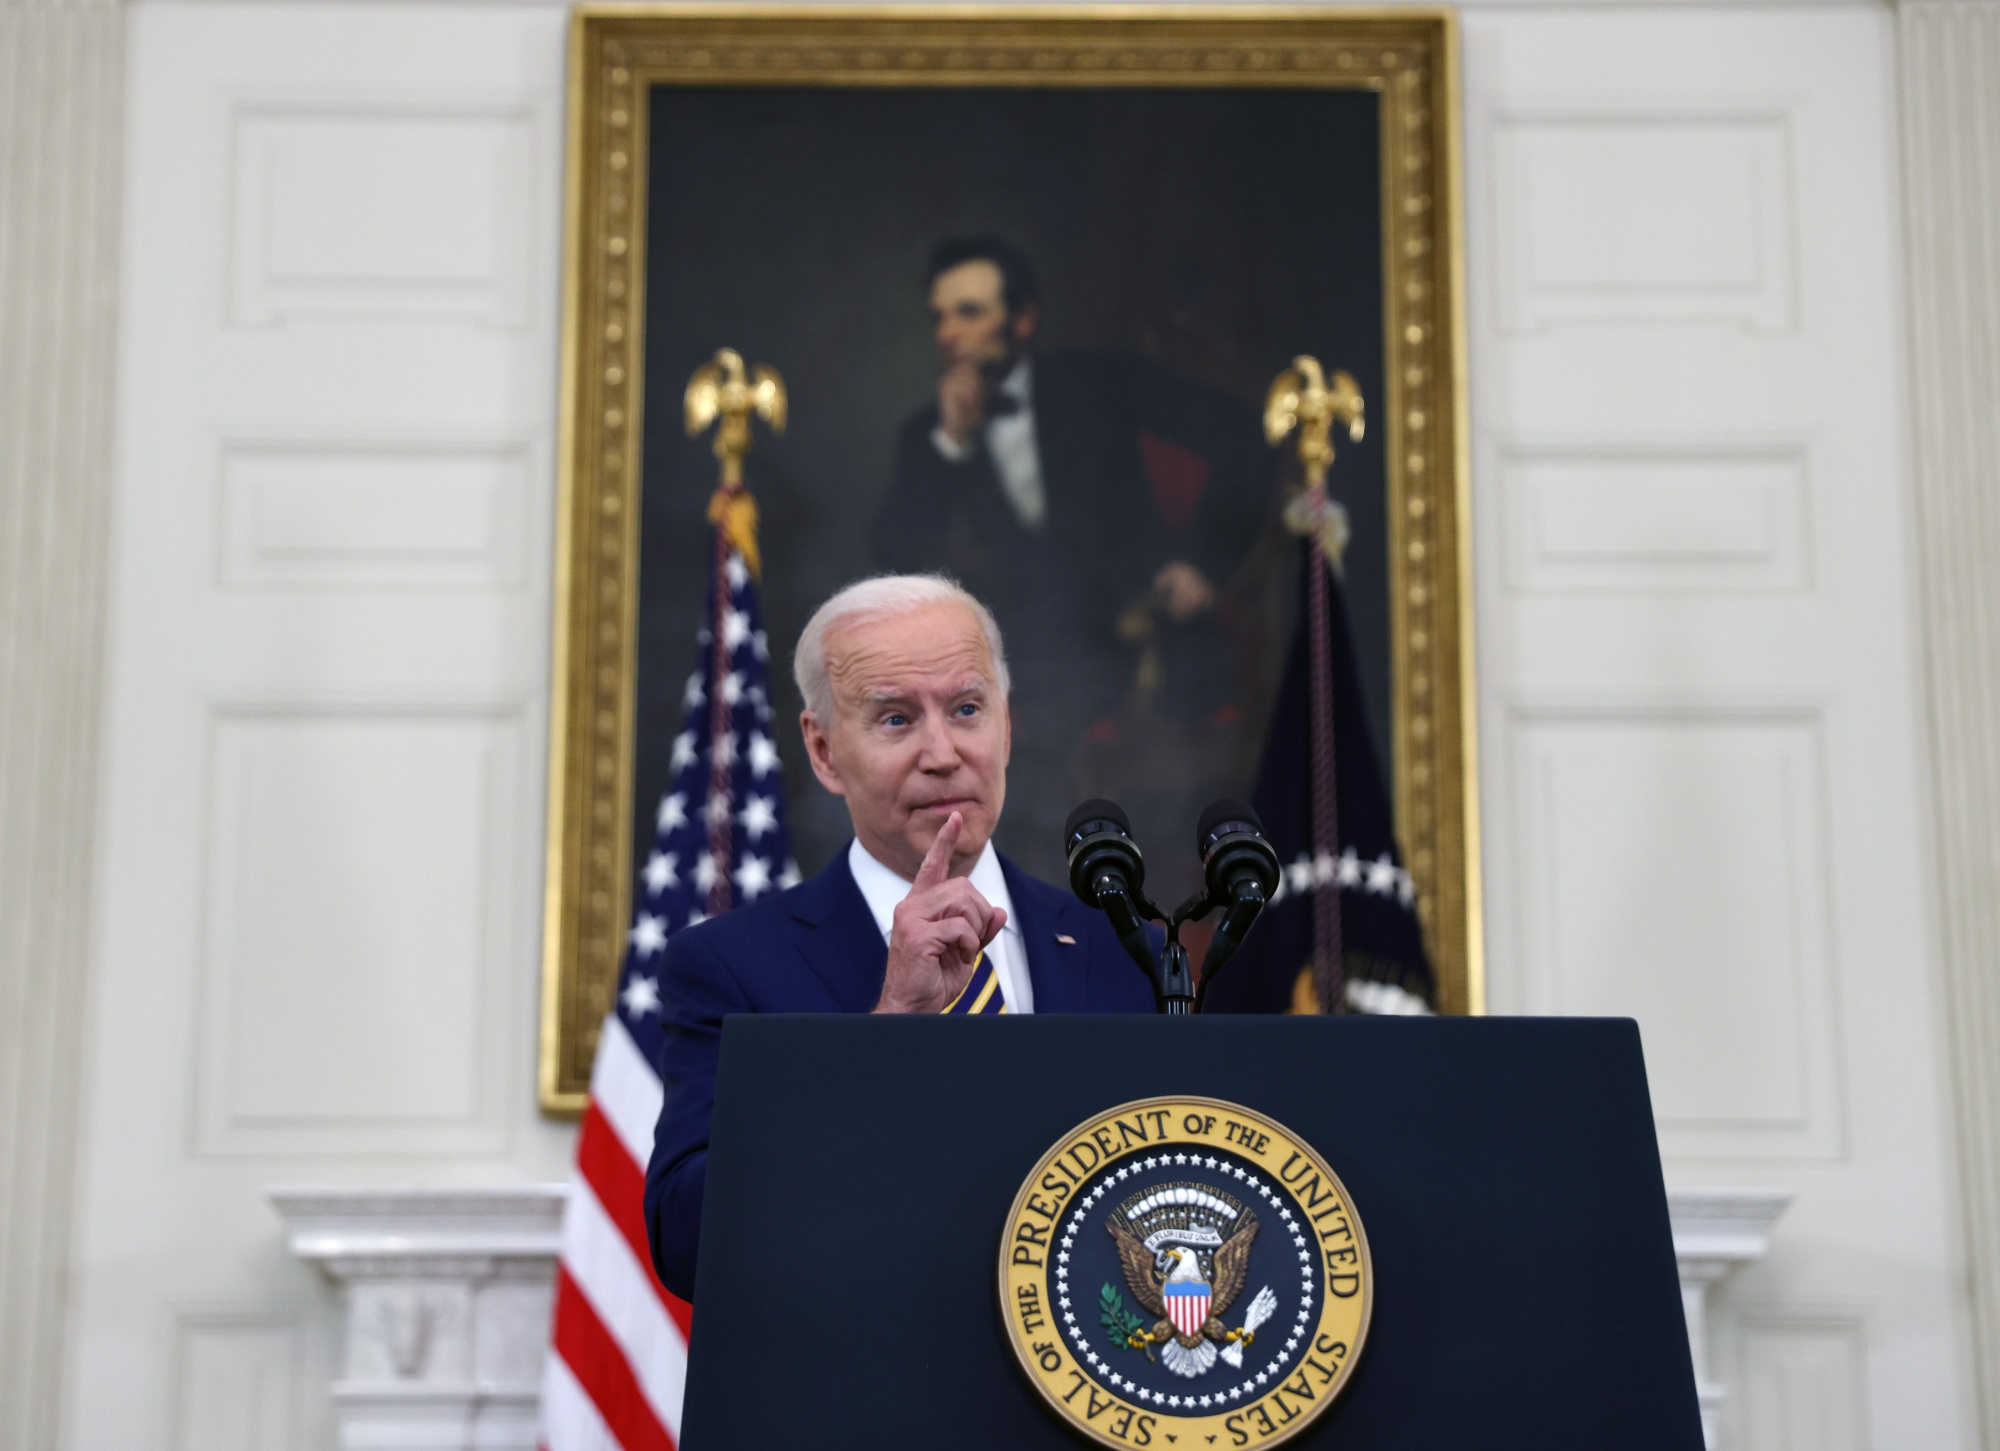 Präsident Biden äußert sich zur Reaktion und Impfung von Covid-19